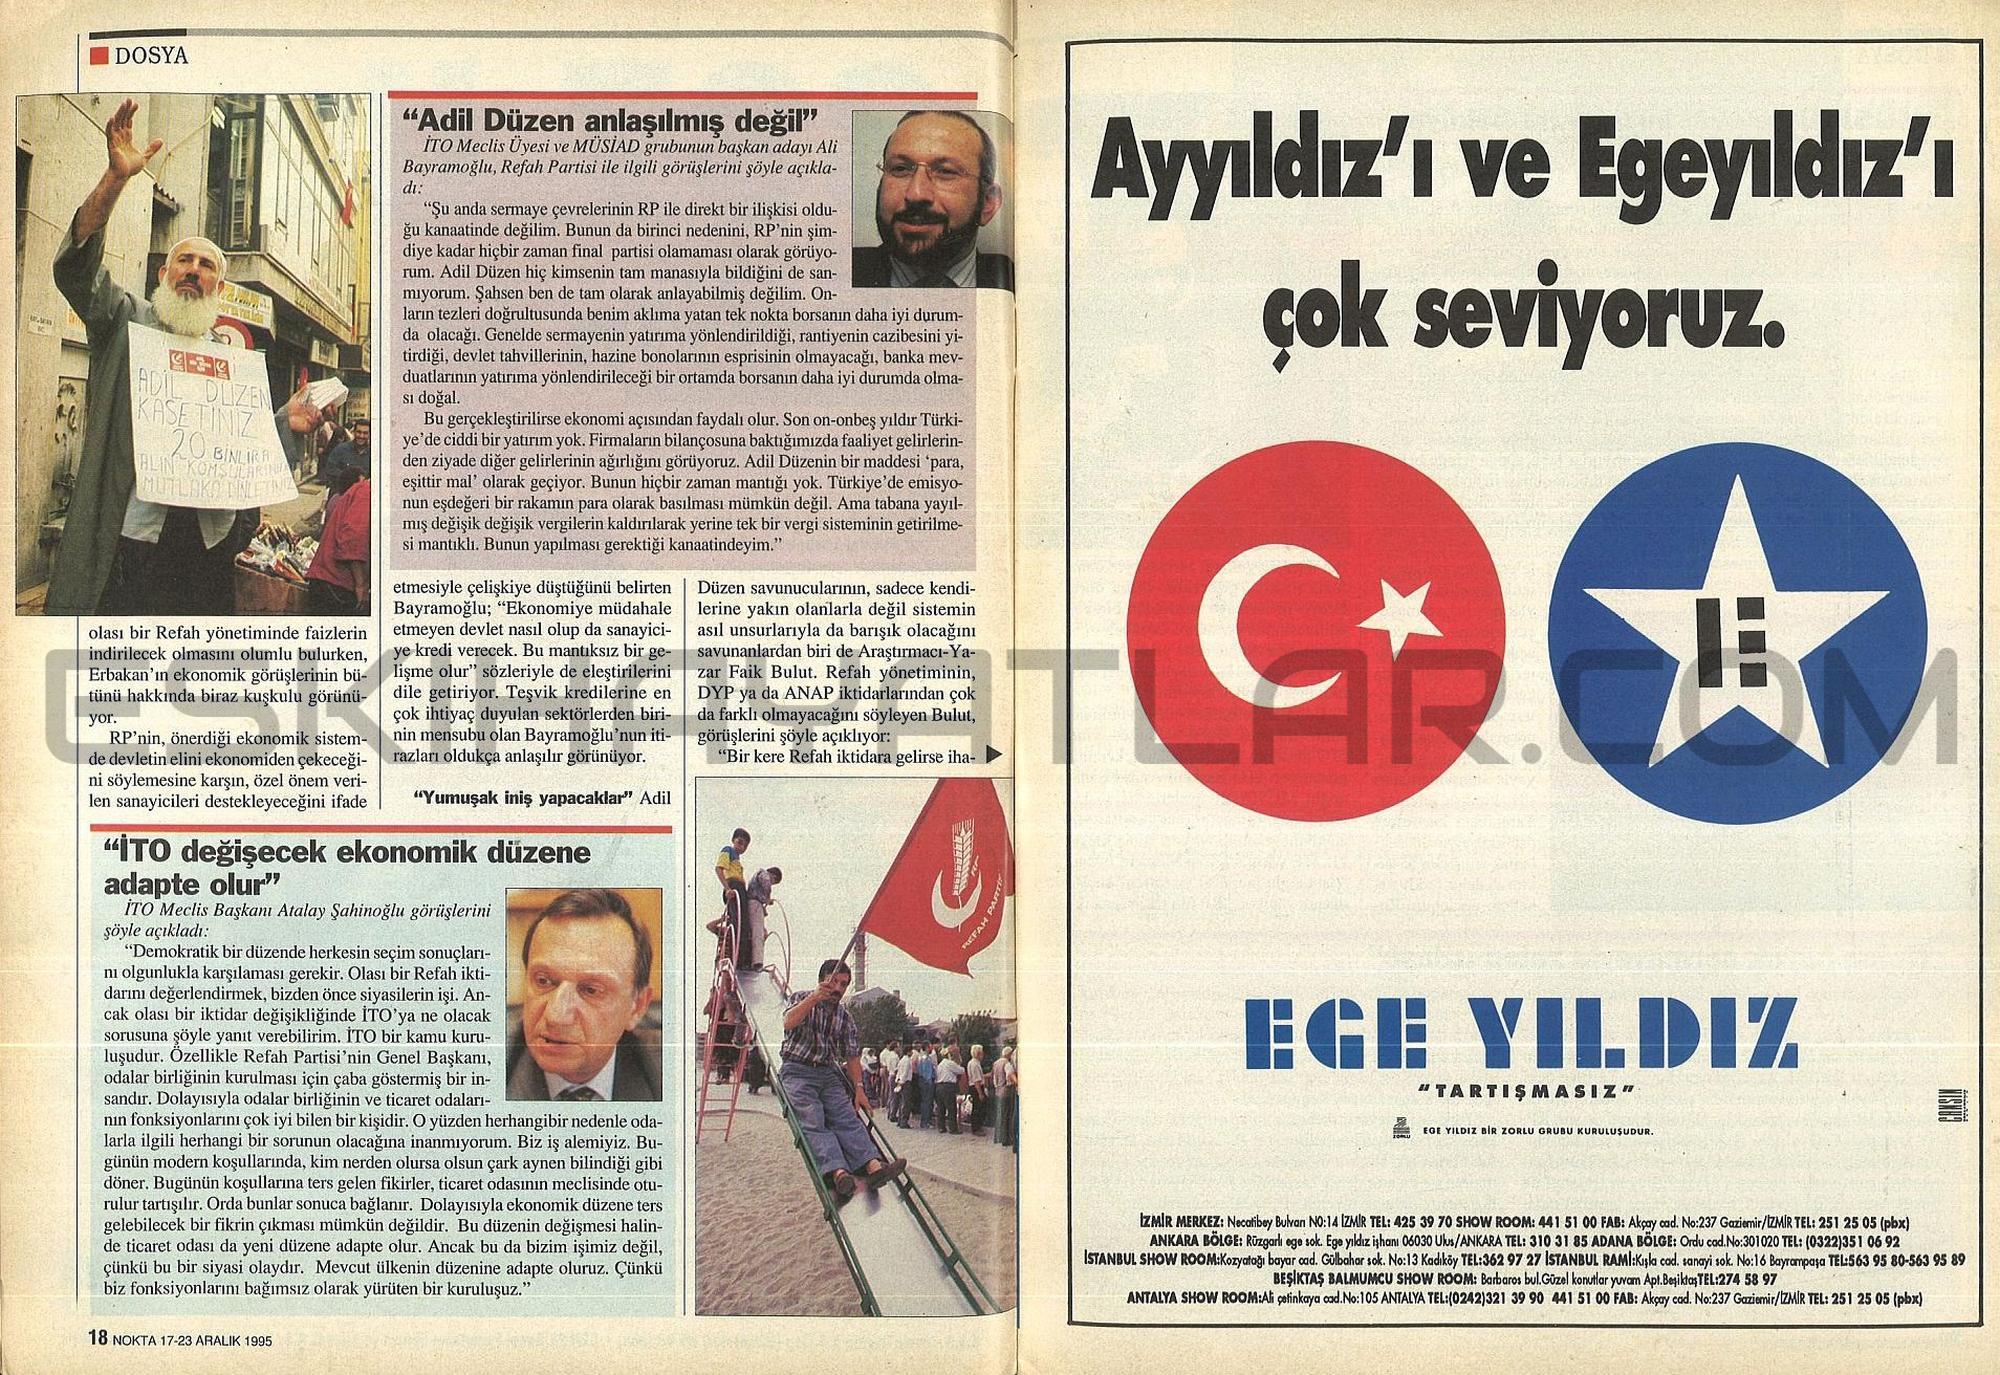 refah-partisi-1995-yilinda-secimleri-nasil-kazandi-necmettin-erbakan-tayyip-erdogan (6)